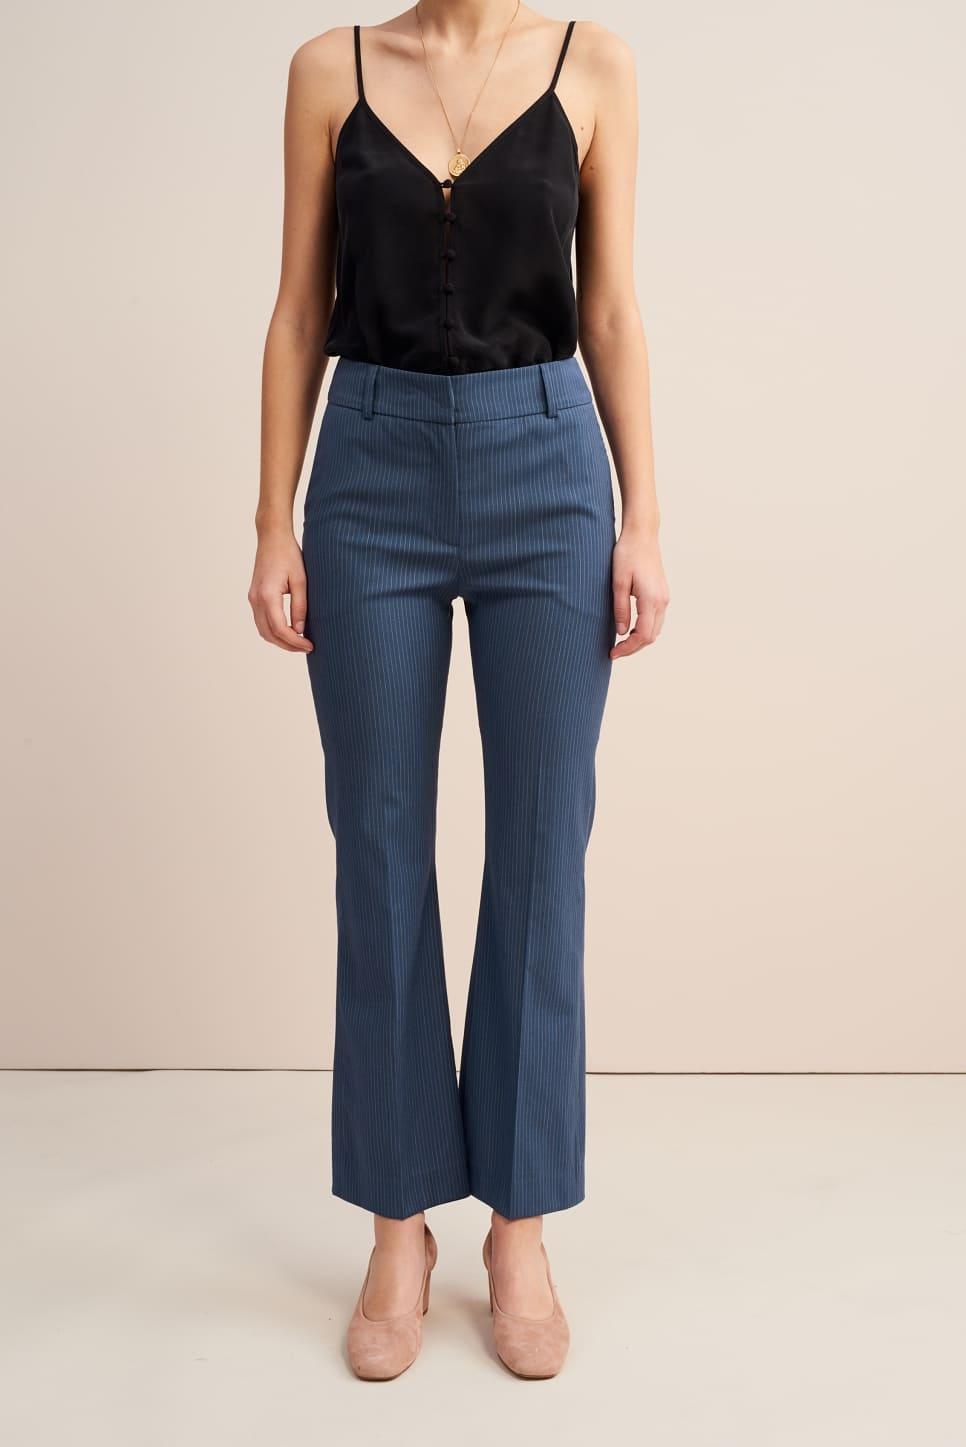 JULIETTE trousers